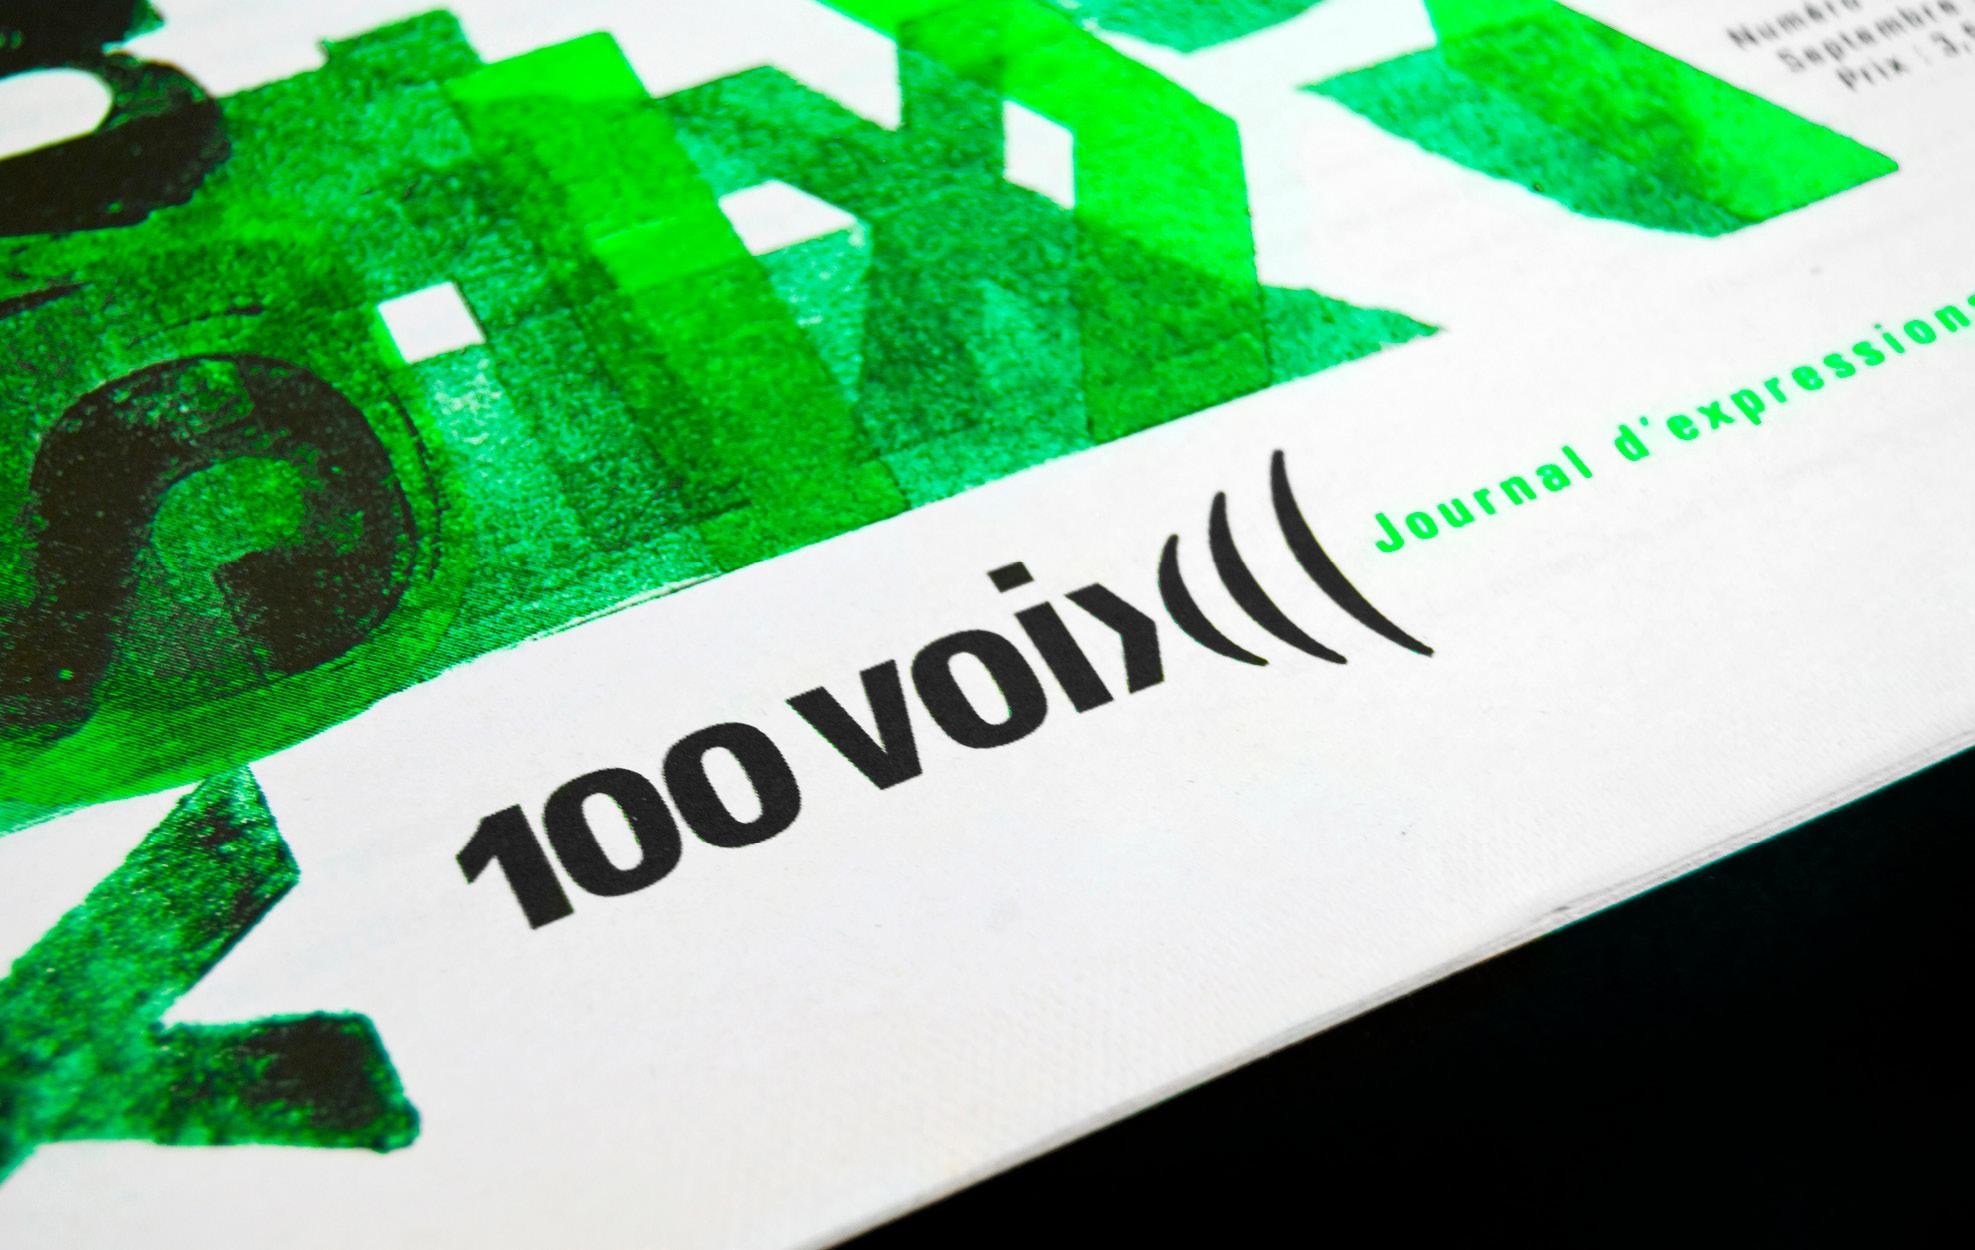 editorial-design_100voix2